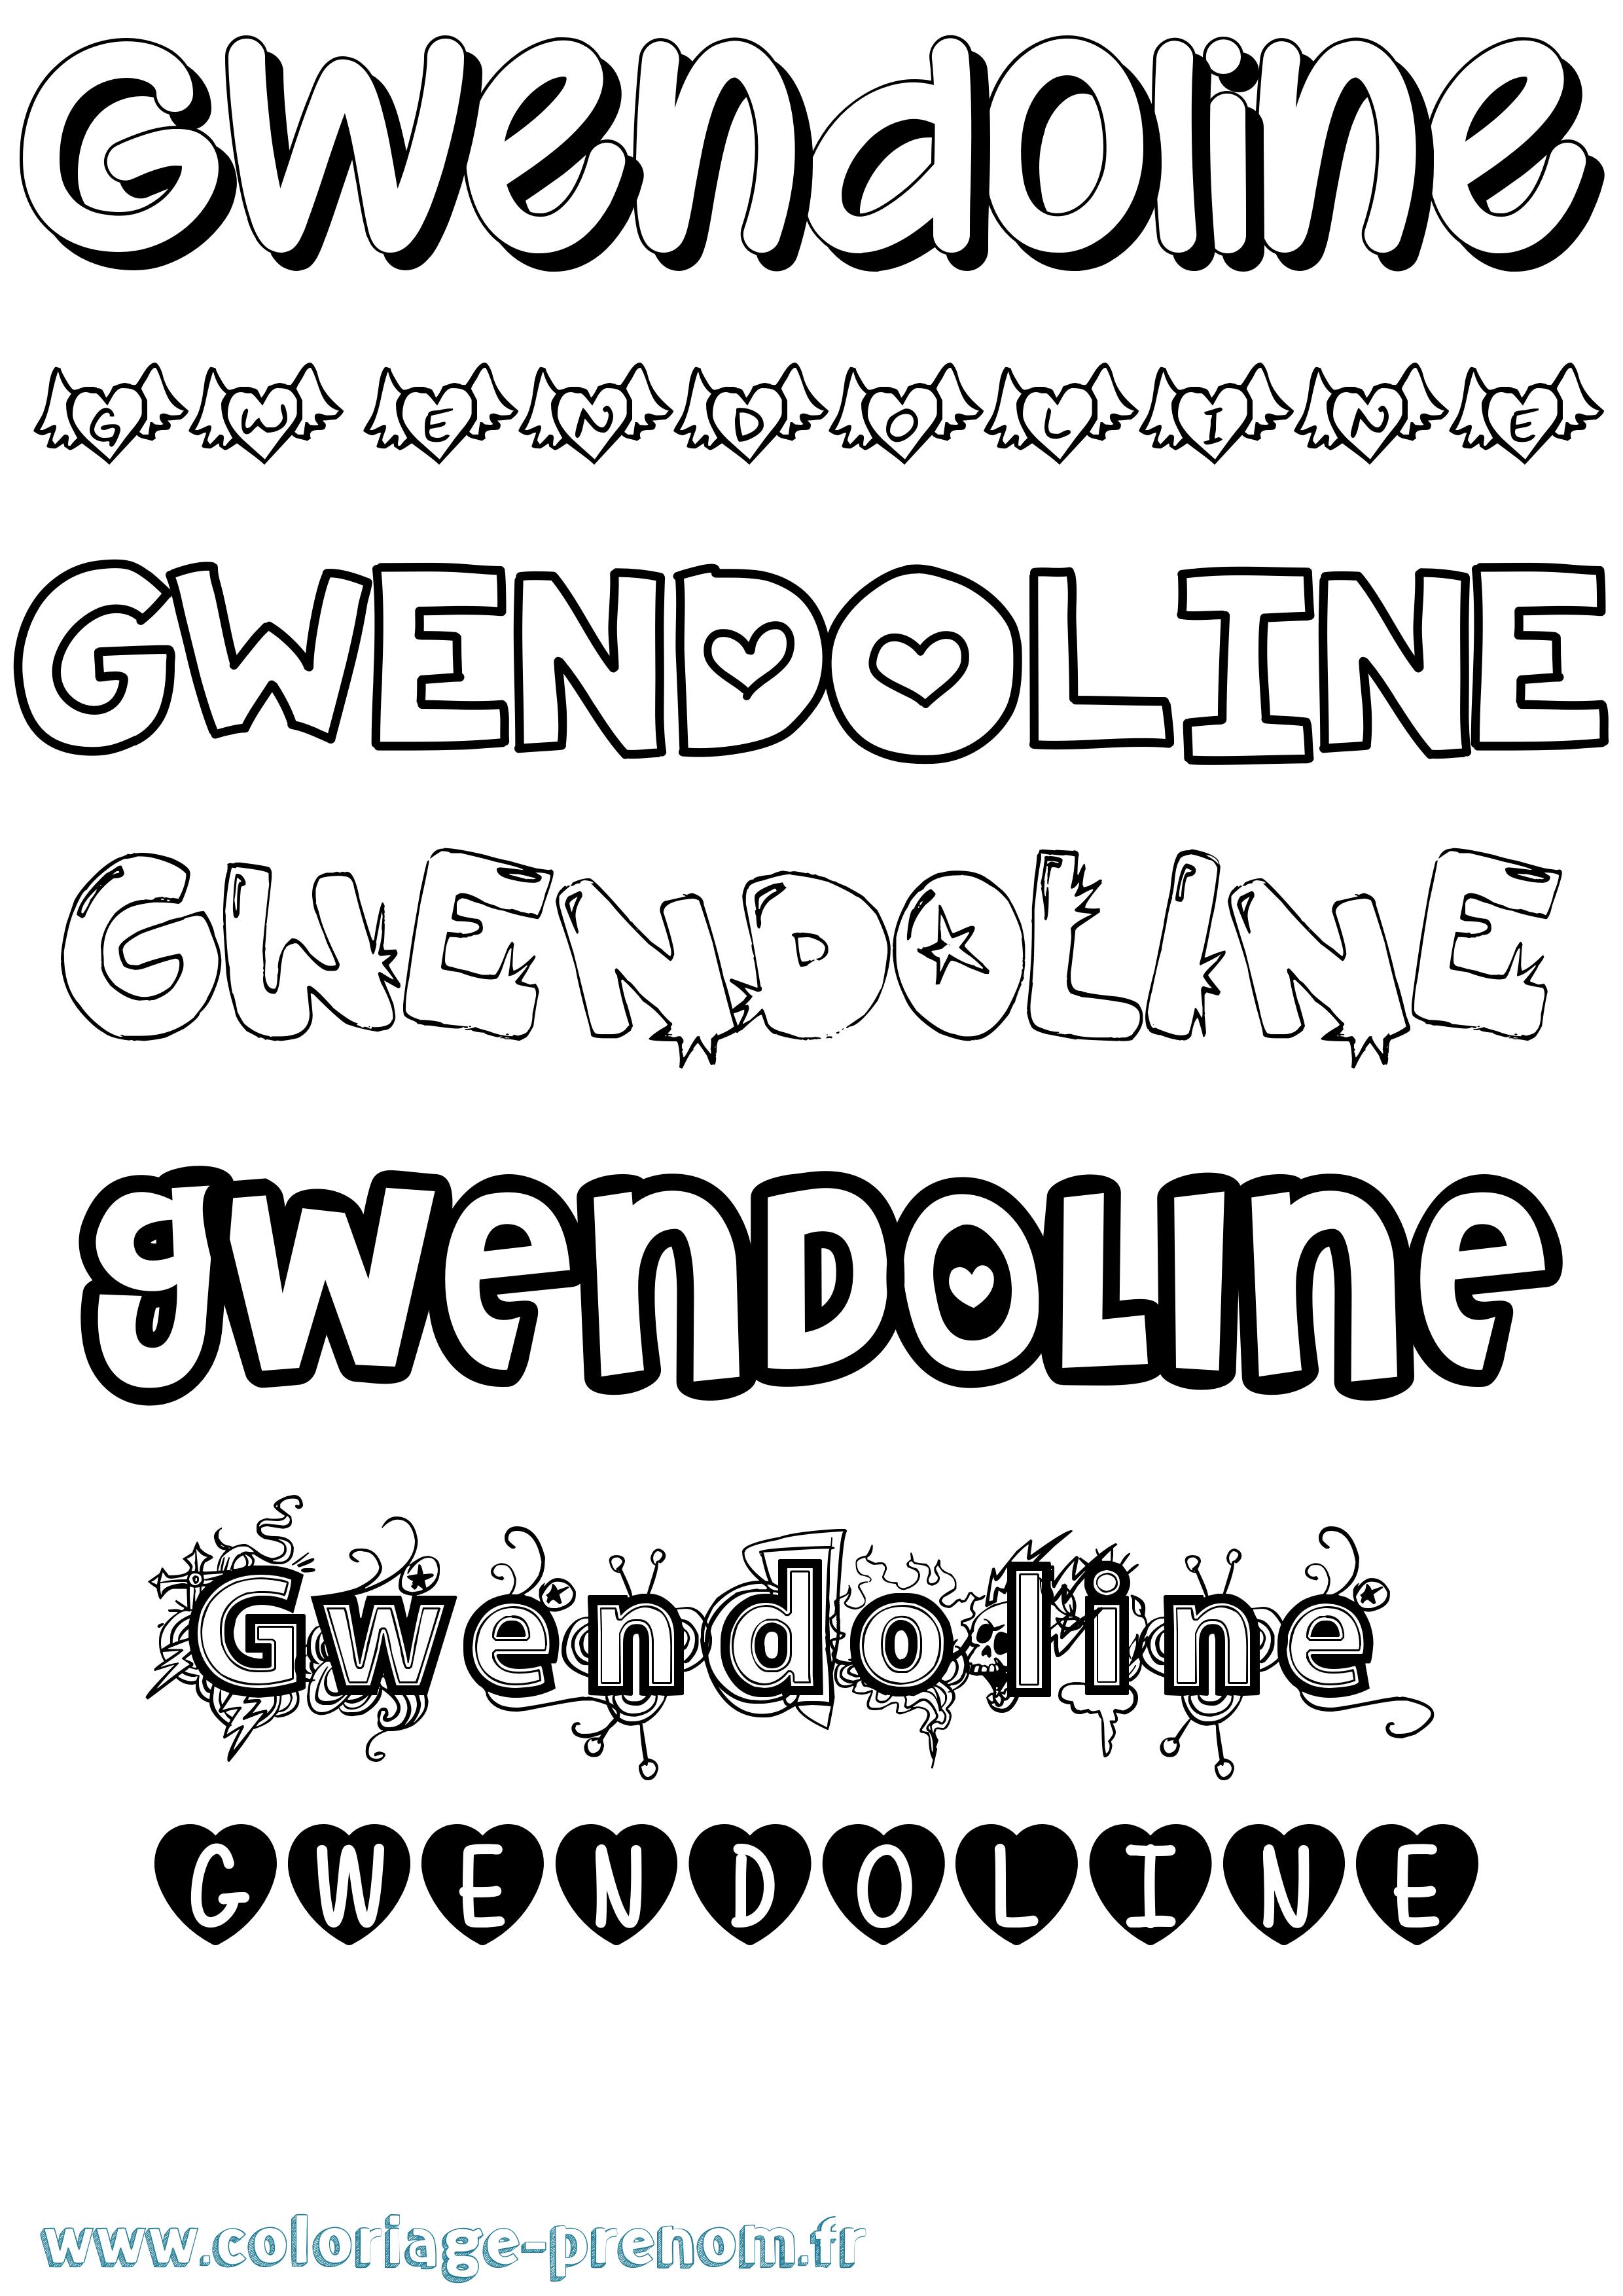 Coloriage du prénom Gwendoline : à Imprimer ou Télécharger ...